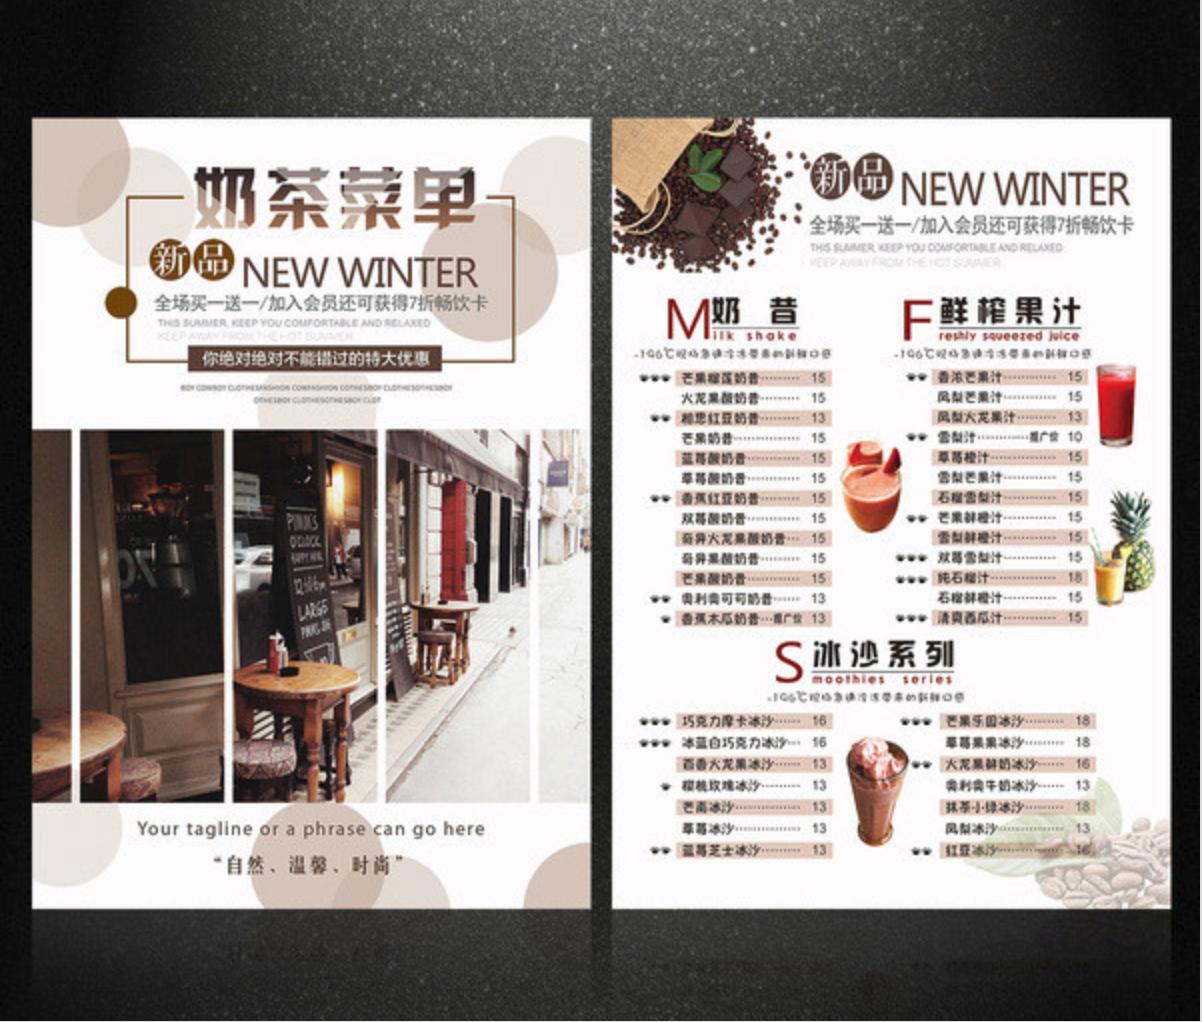 创意菜单设计参考 有哪些好看的奶茶店菜单